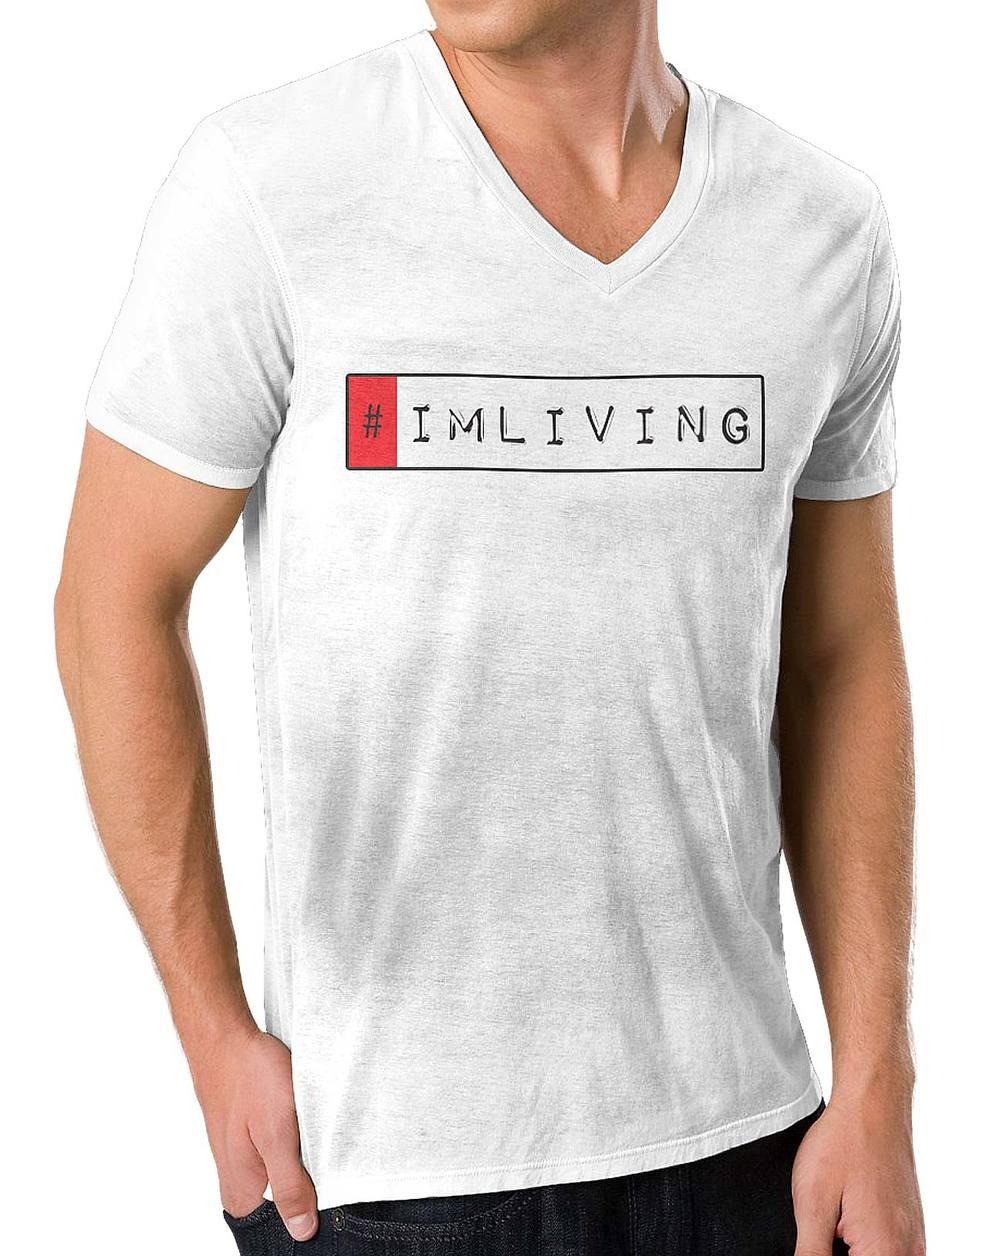 IMLIVING-MALE-SHIRT-WHITE.jpg